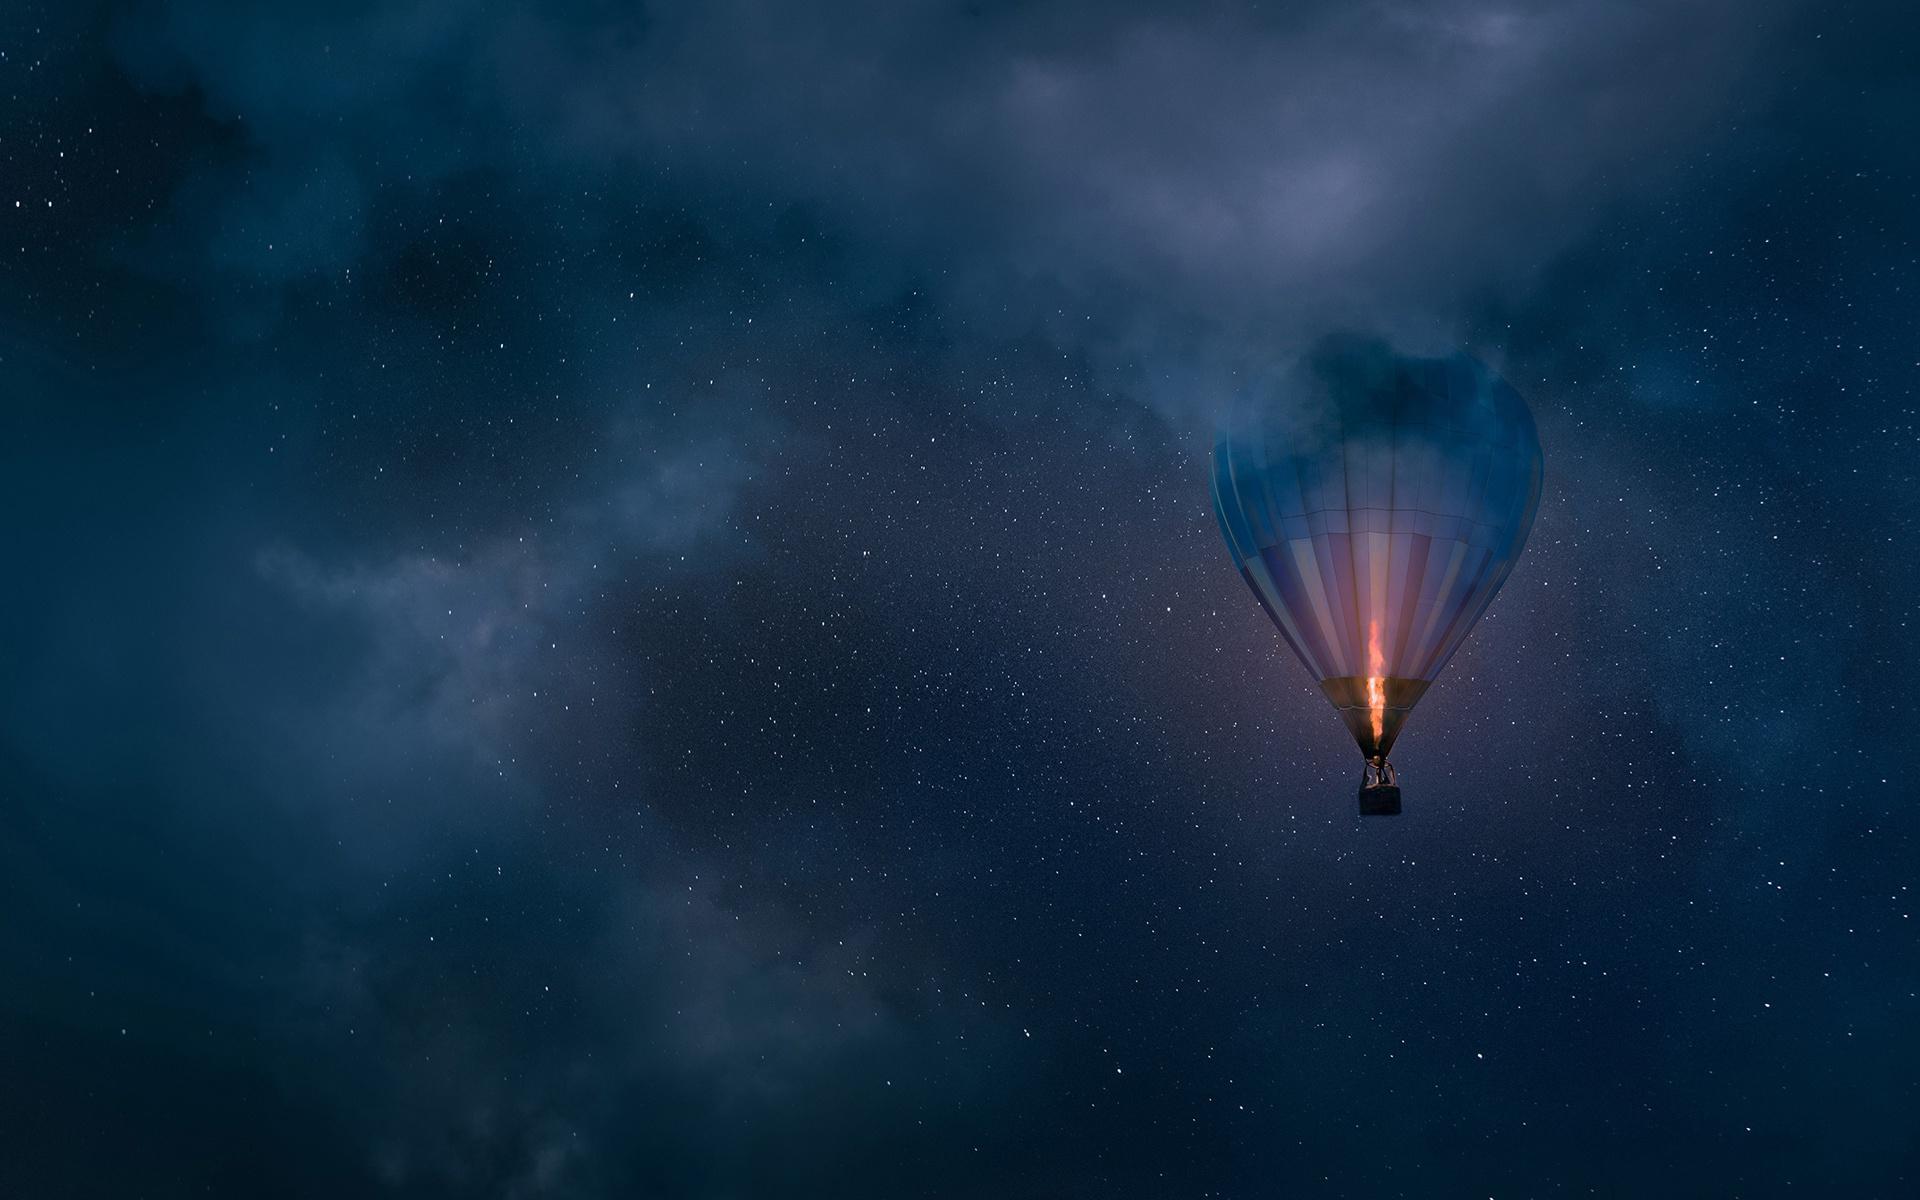 壁紙 : 天空, 熱氣球 1920x1200 - WallpaperManiac - 1217883 - 電腦桌面壁紙 - WallHere 壁紙庫